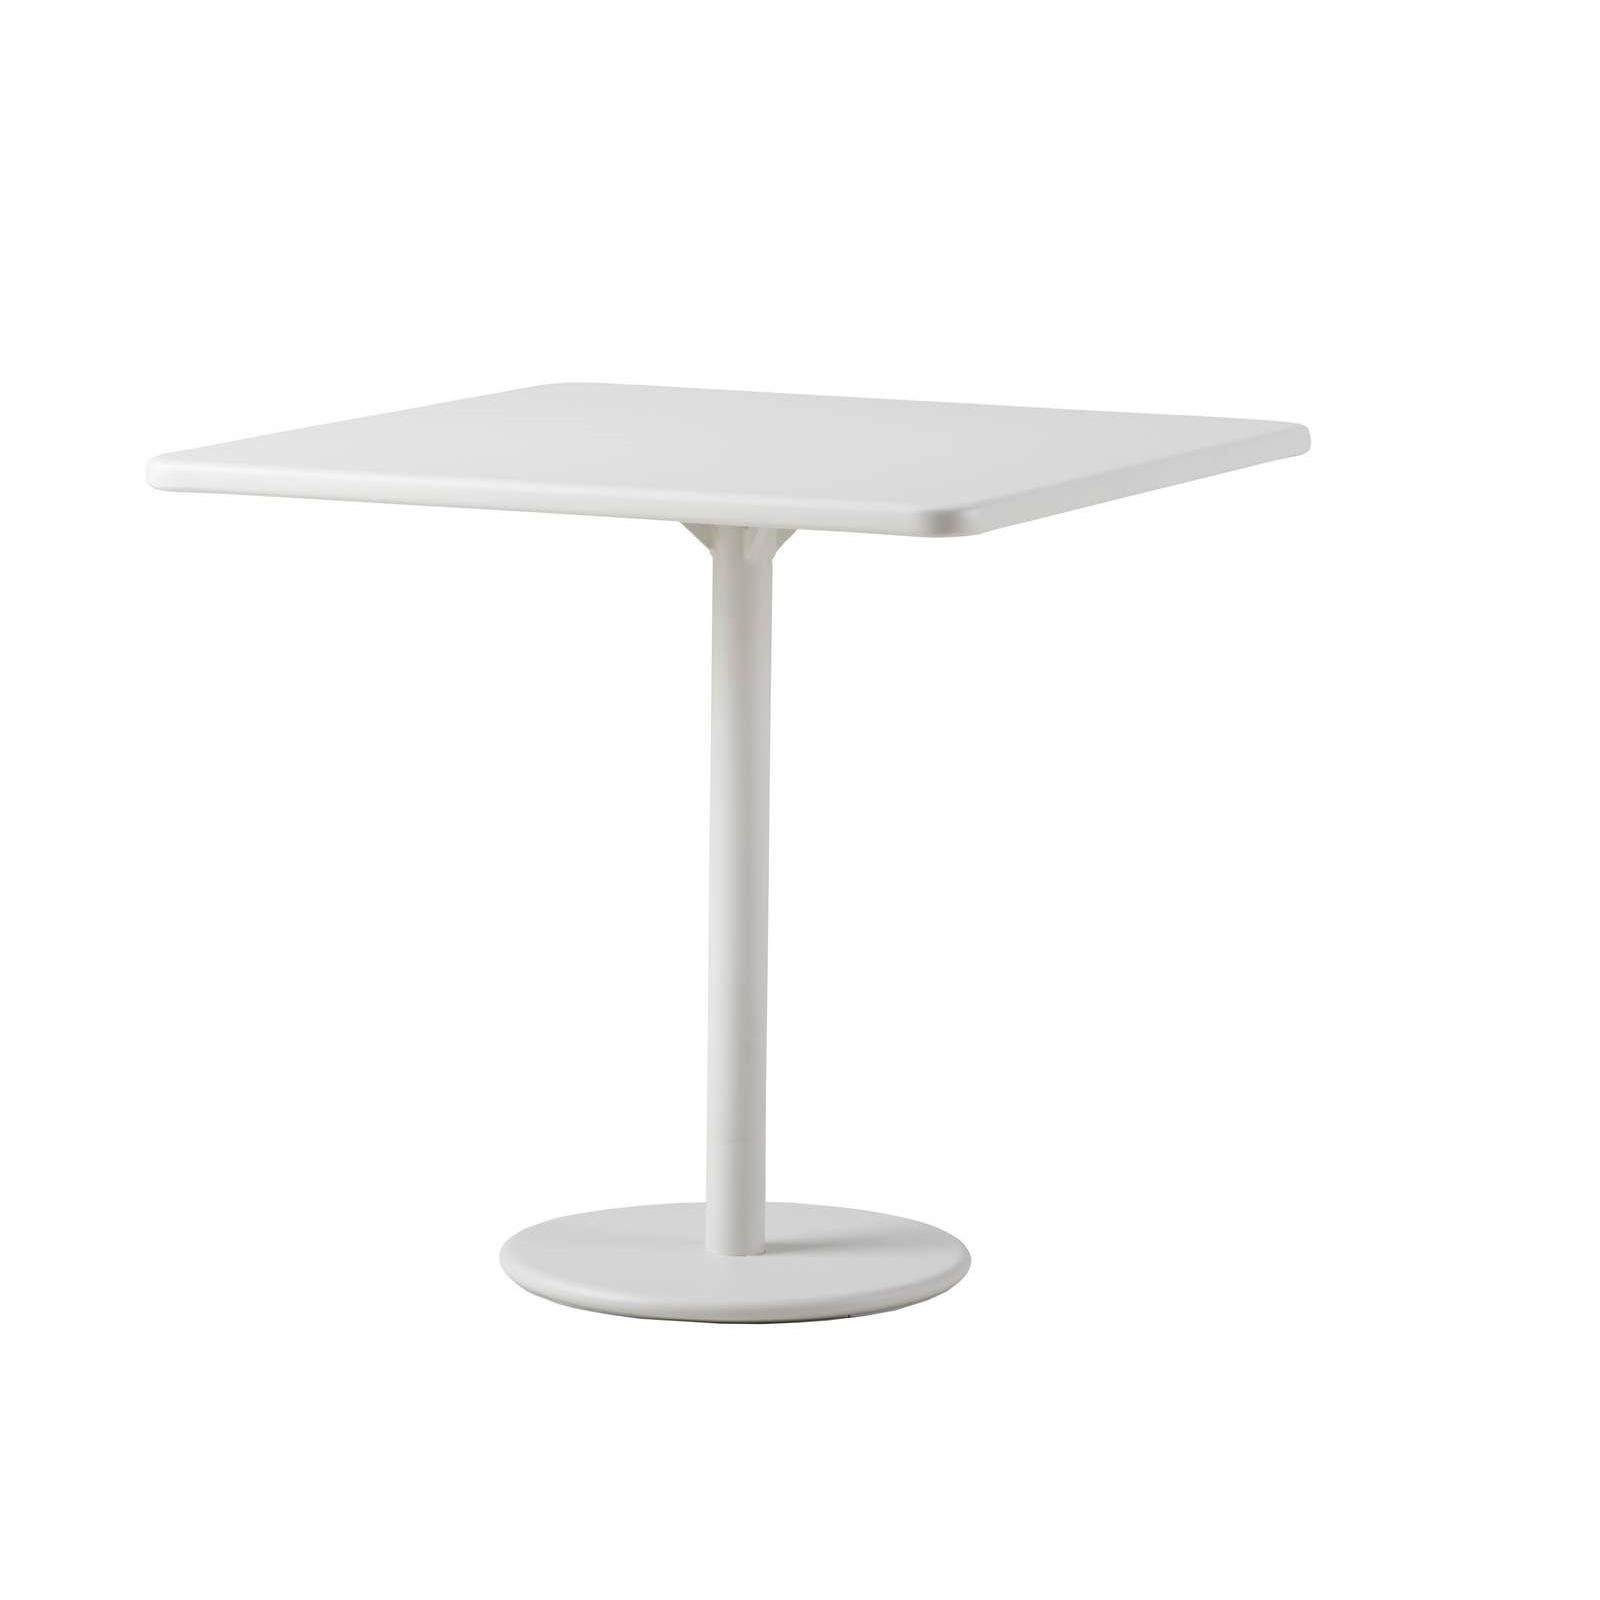 Cafébord GO 70 x 75 cm vitlack, Cane-line